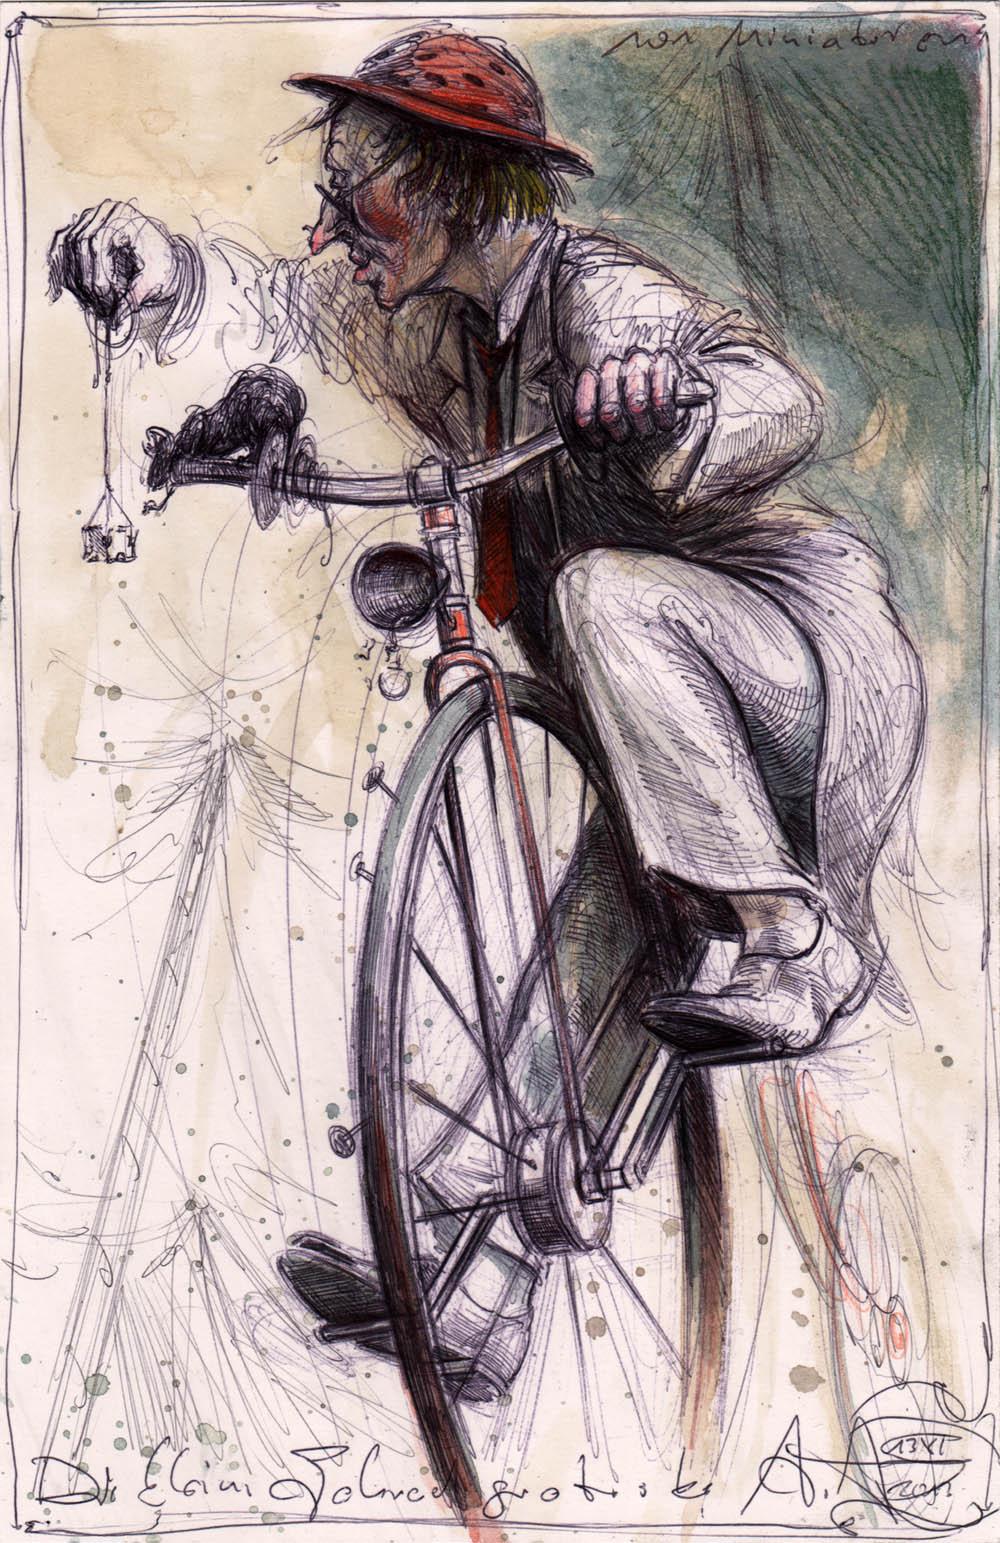 Kleine Fahrradgroteske